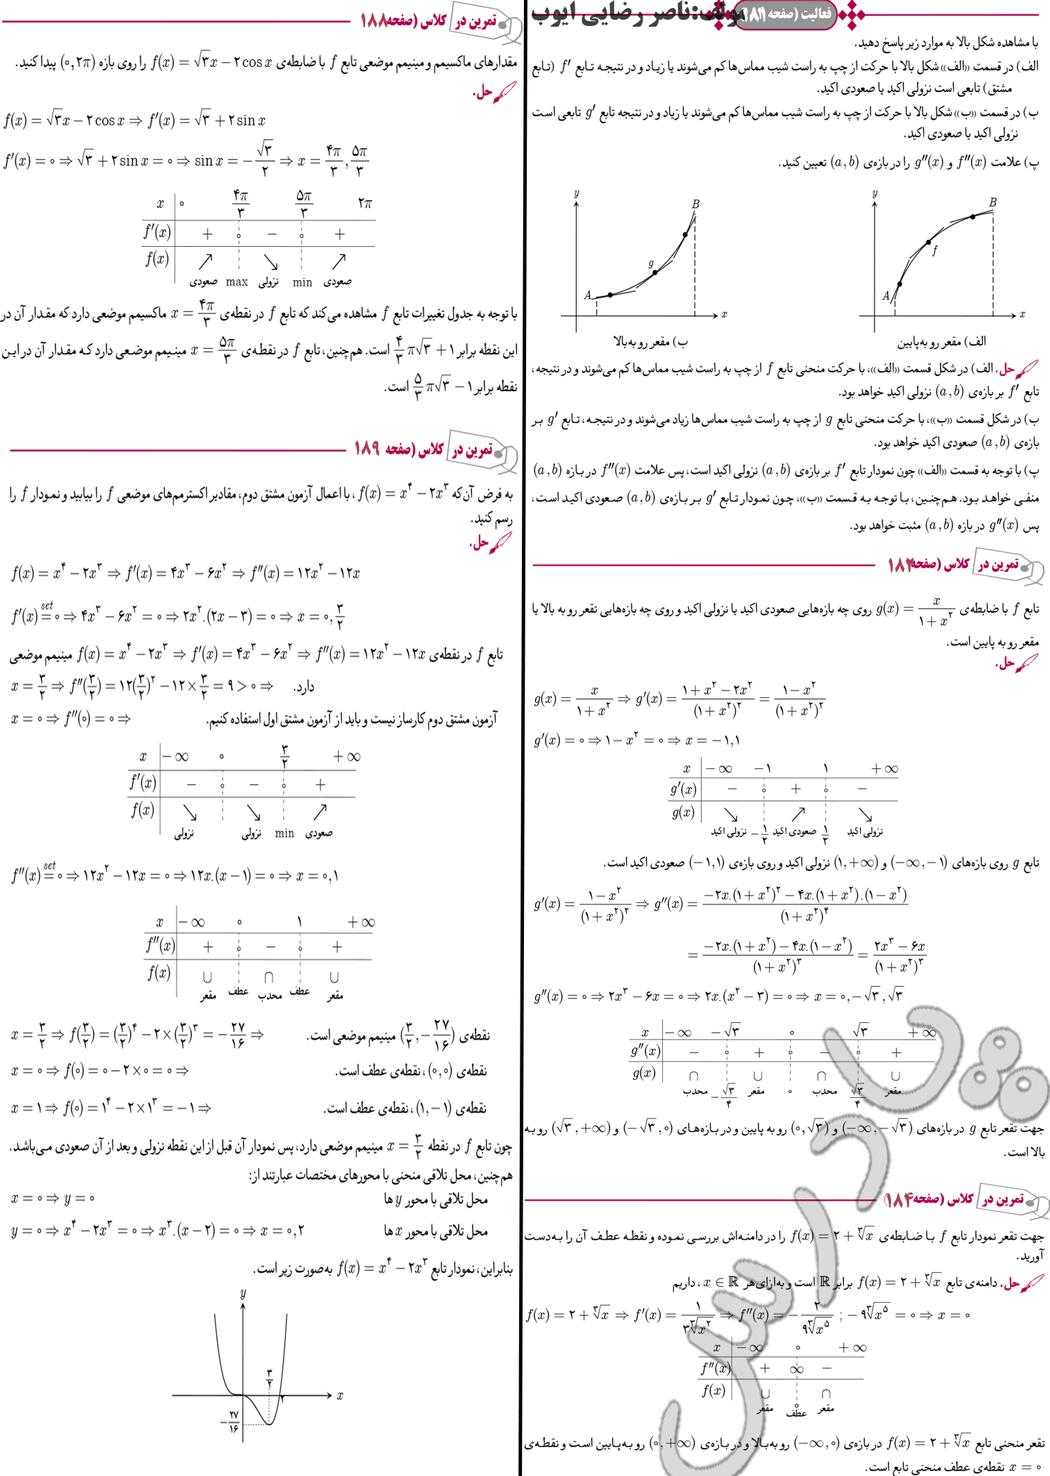 حل سوالات صفحه 181 تا 189 دیفرانسیل پیش دانشگاهی